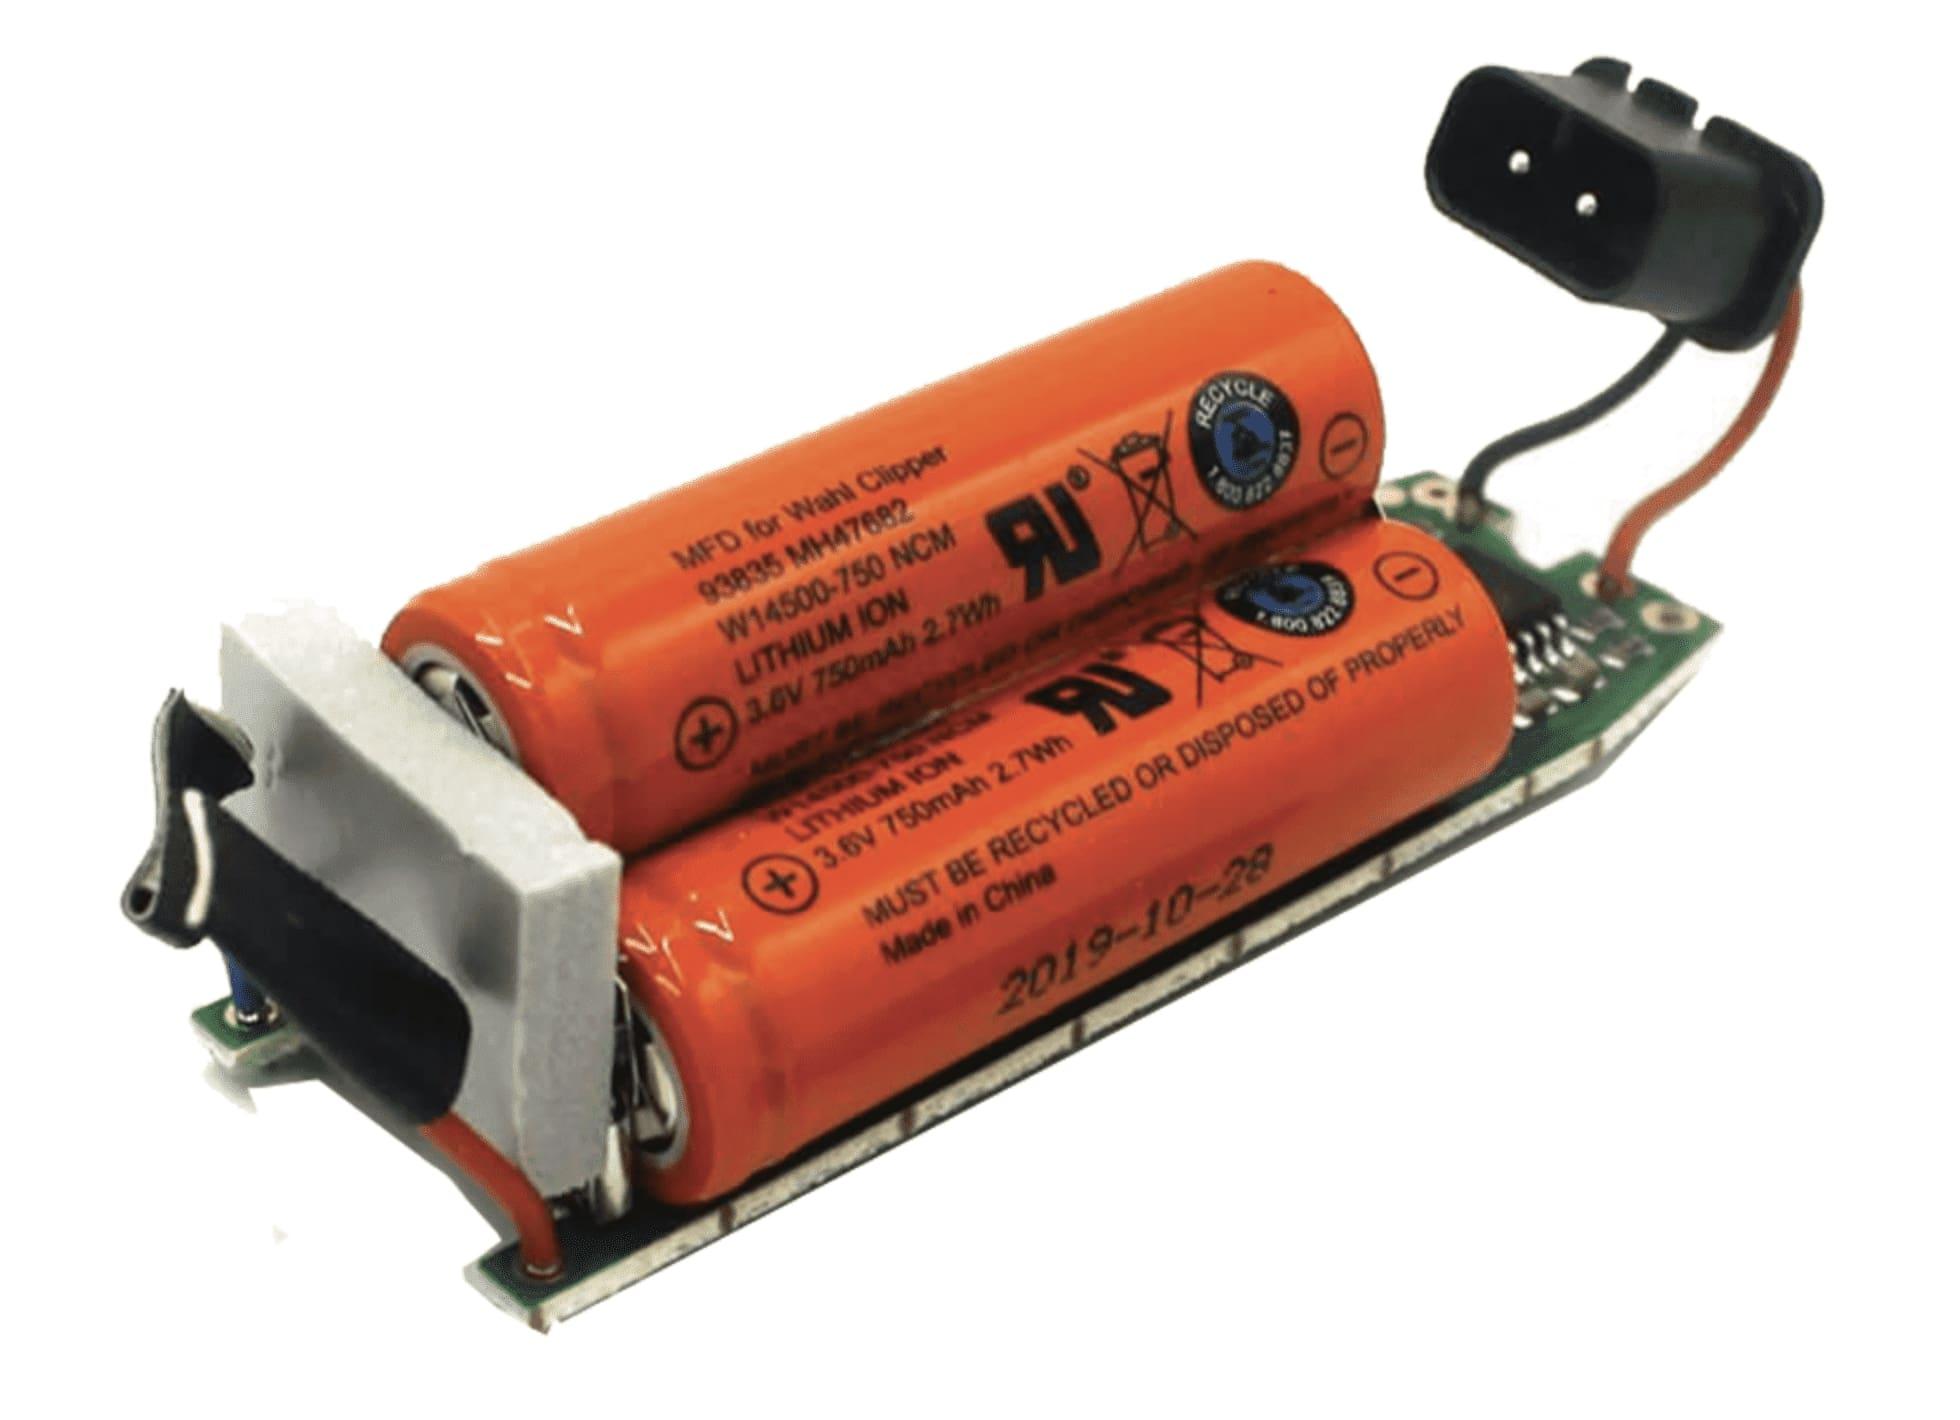 Moser - náhradní baterie pro strojek Moser 1871 PRO + elektronická základová deska